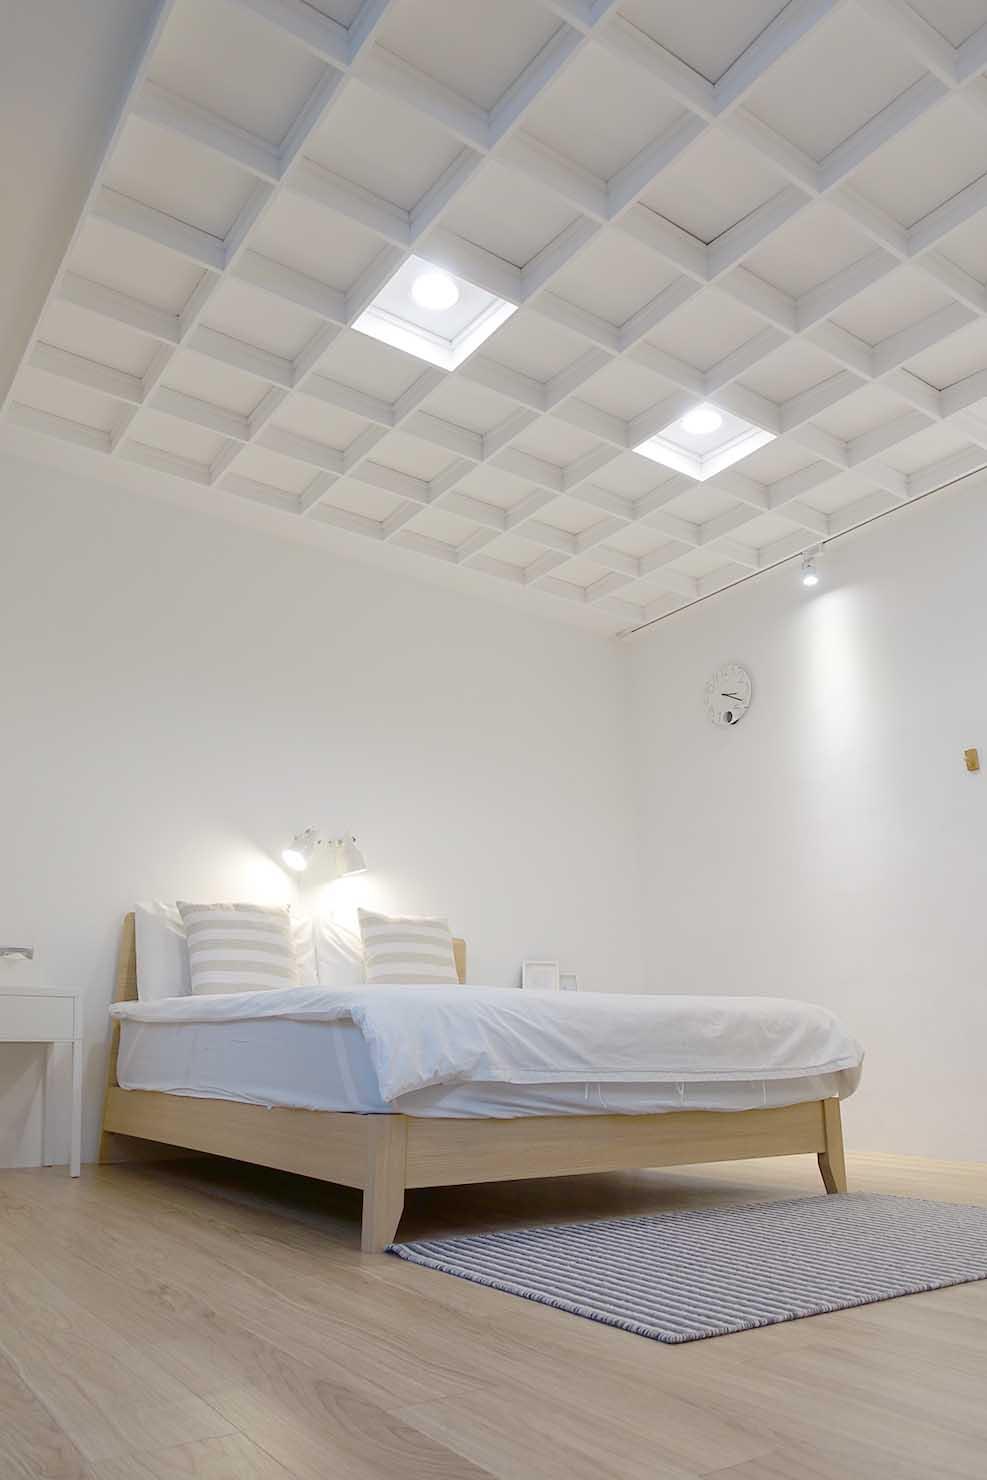 高雄・美麗島駅徒歩3分の立地最高なおすすめホテル「小島公寓 Island House」ダブルルームの天井